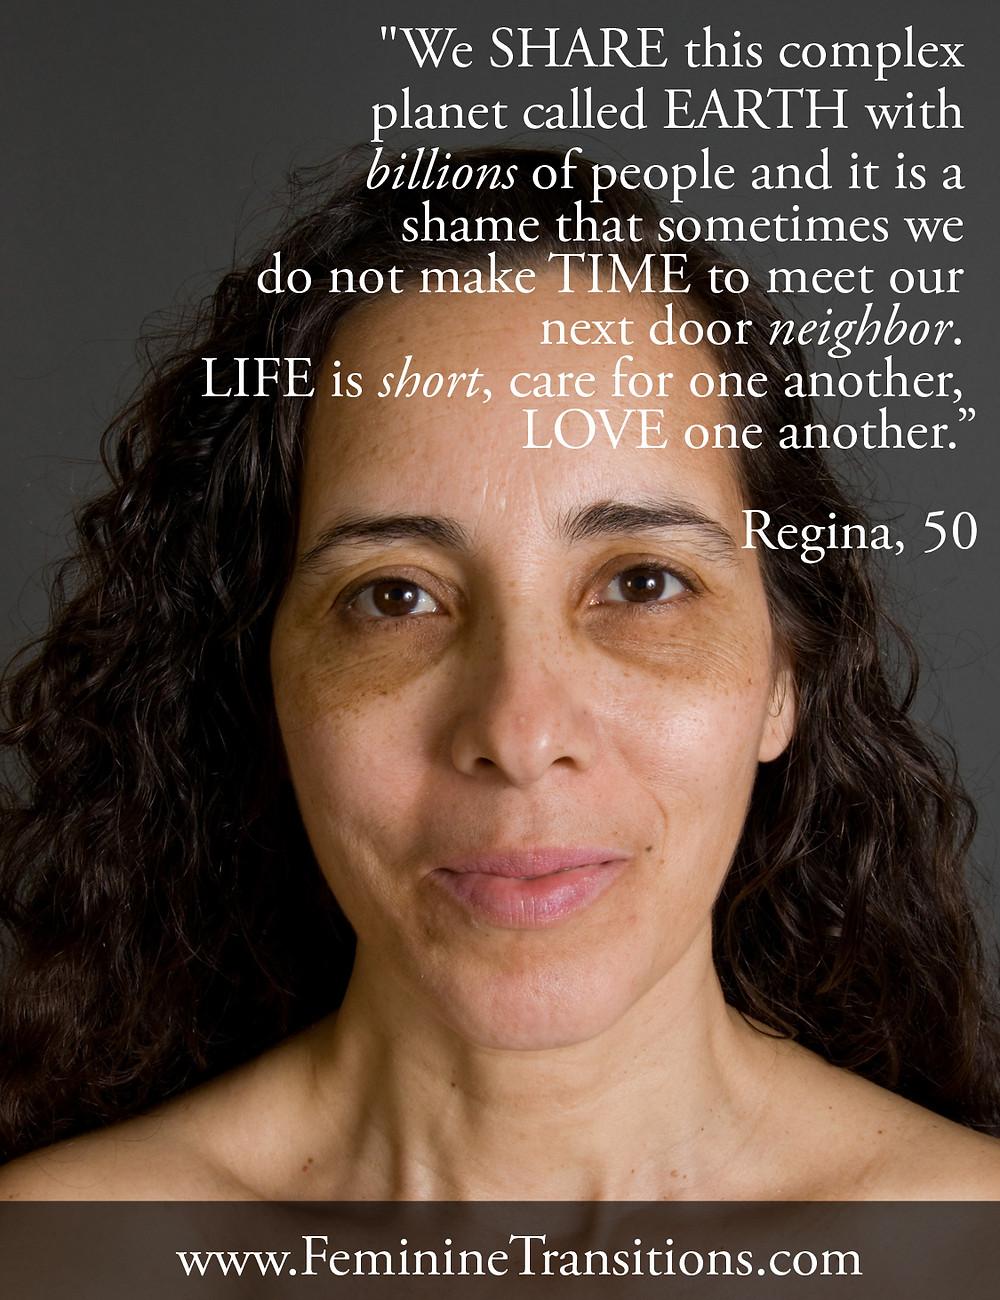 Regina's View On Life